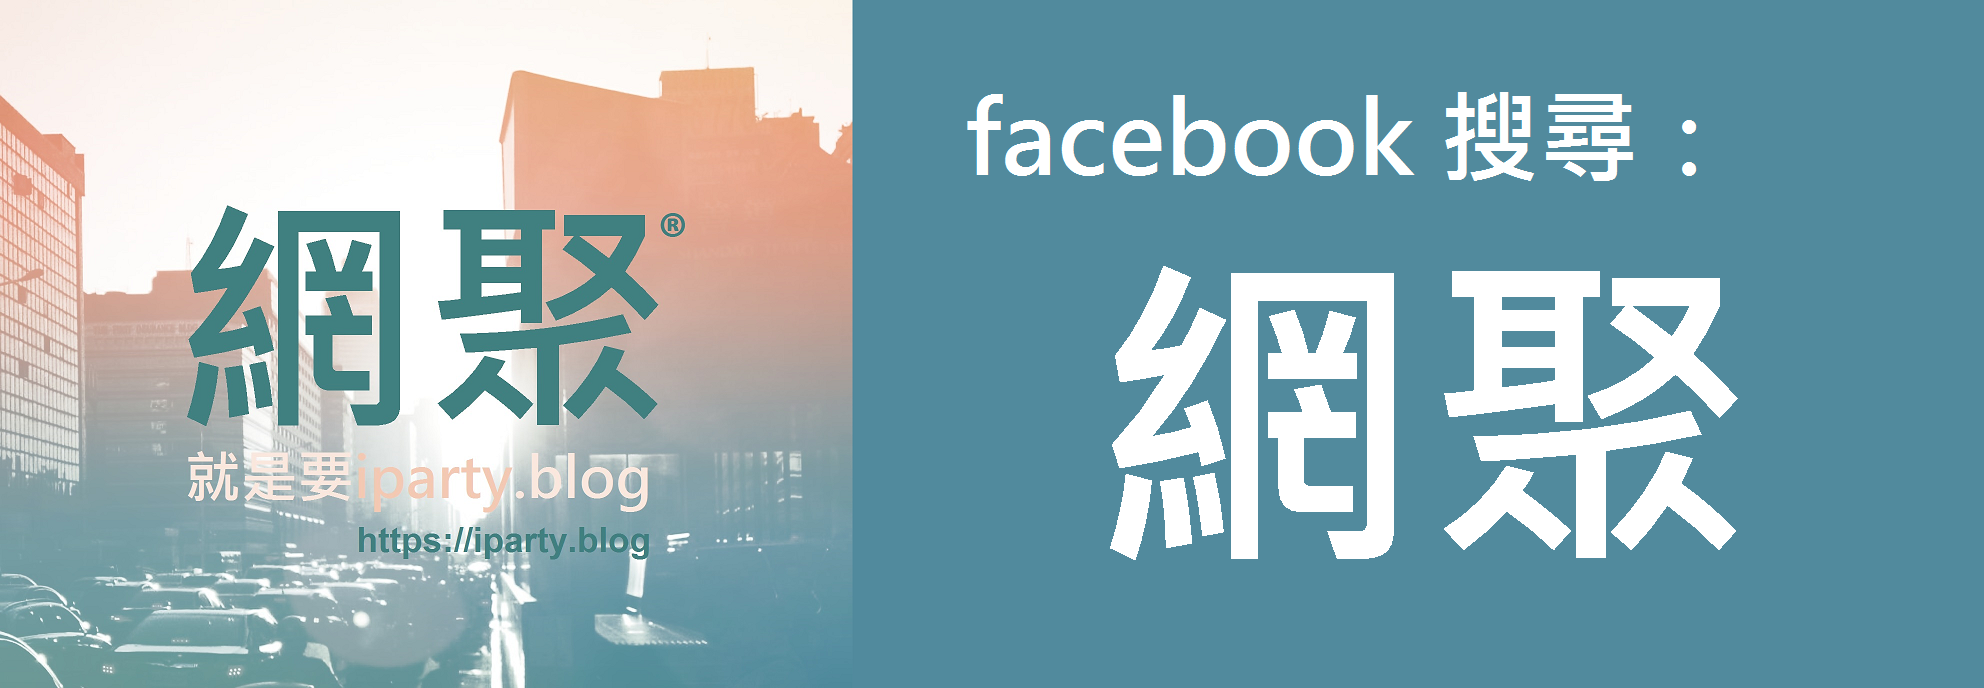 facebook 臉書搜尋:網聚